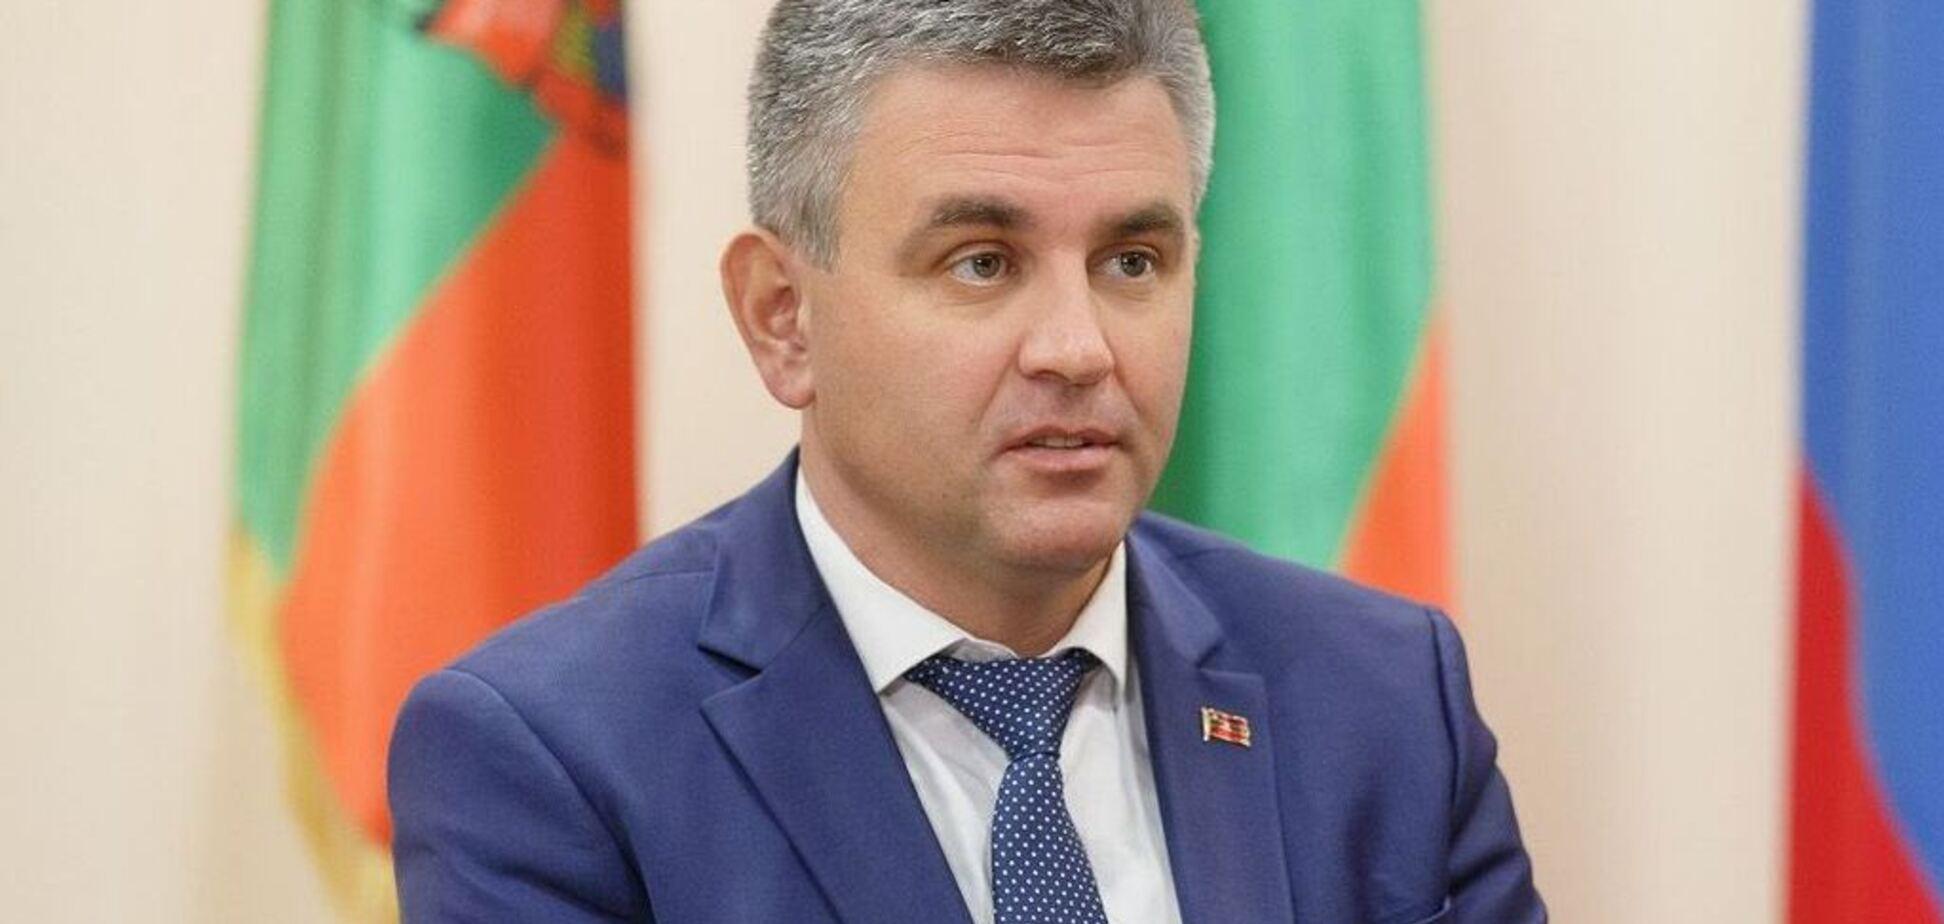 Всплыла скандальная связь 'президента' Приднестровья с Украиной: о чем речь